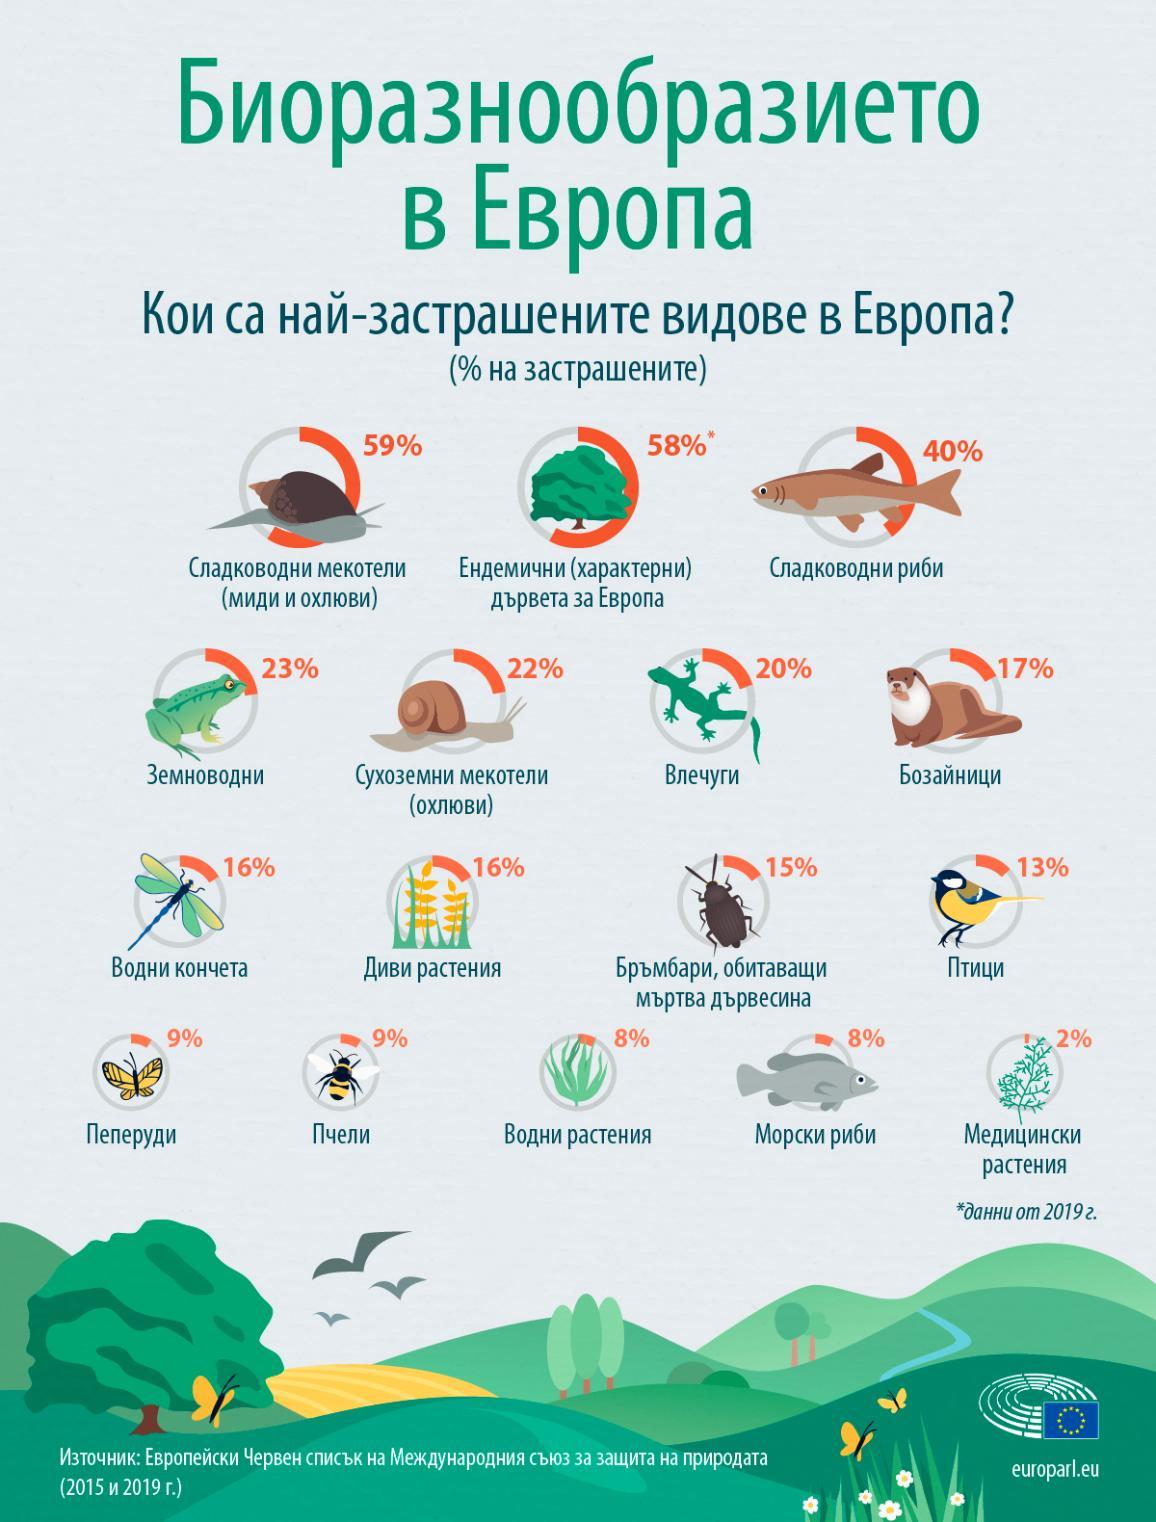 Инфографика за най-застрашените видове в Европа